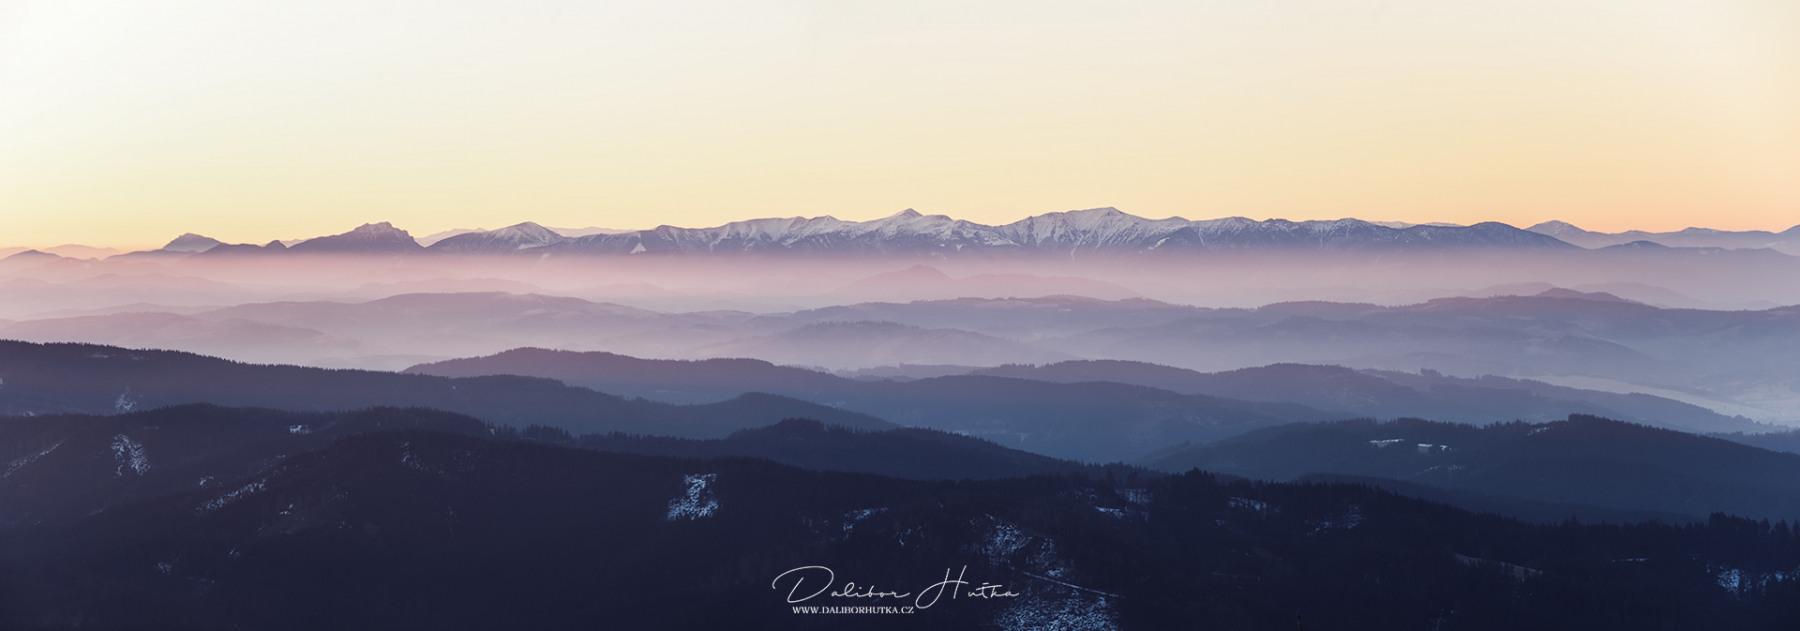 Pohled na Malou Fatru z Lysé hory